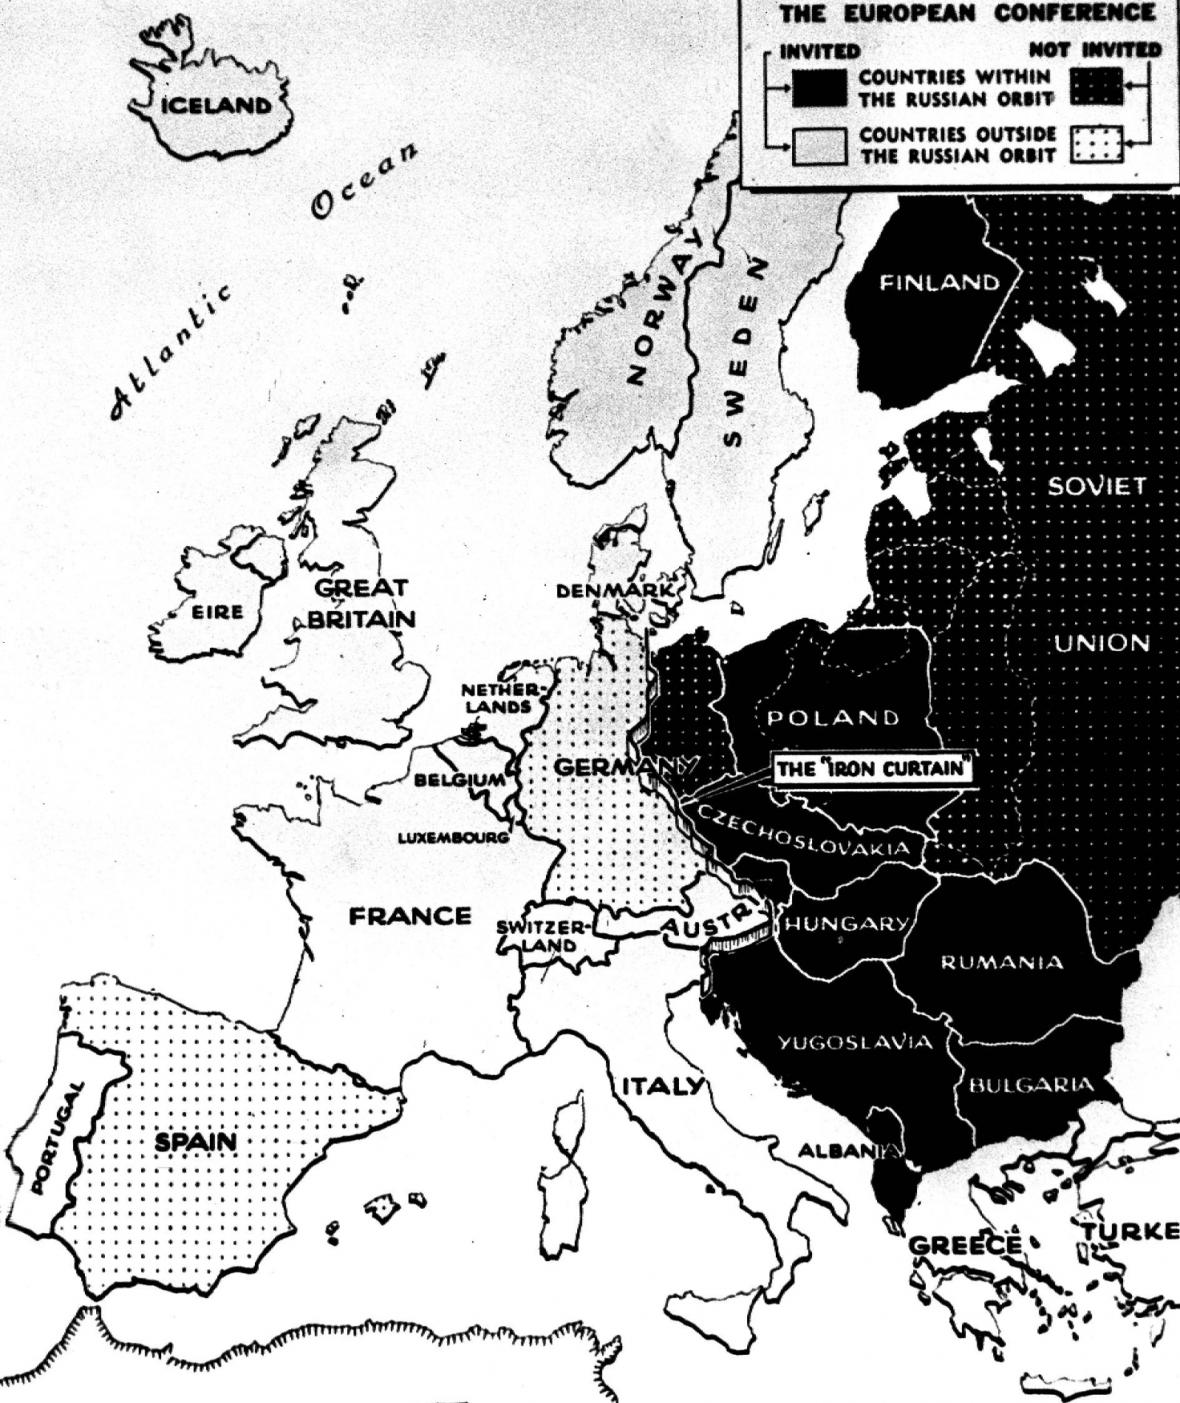 Mapa zemí (ne)účastnících se Marshallova plánu. Německo je označeno jako země, která nebyla pozvána, plánu se ale Západní Německo účastnilo (Německo bylo pod okupační správou Spojenců)